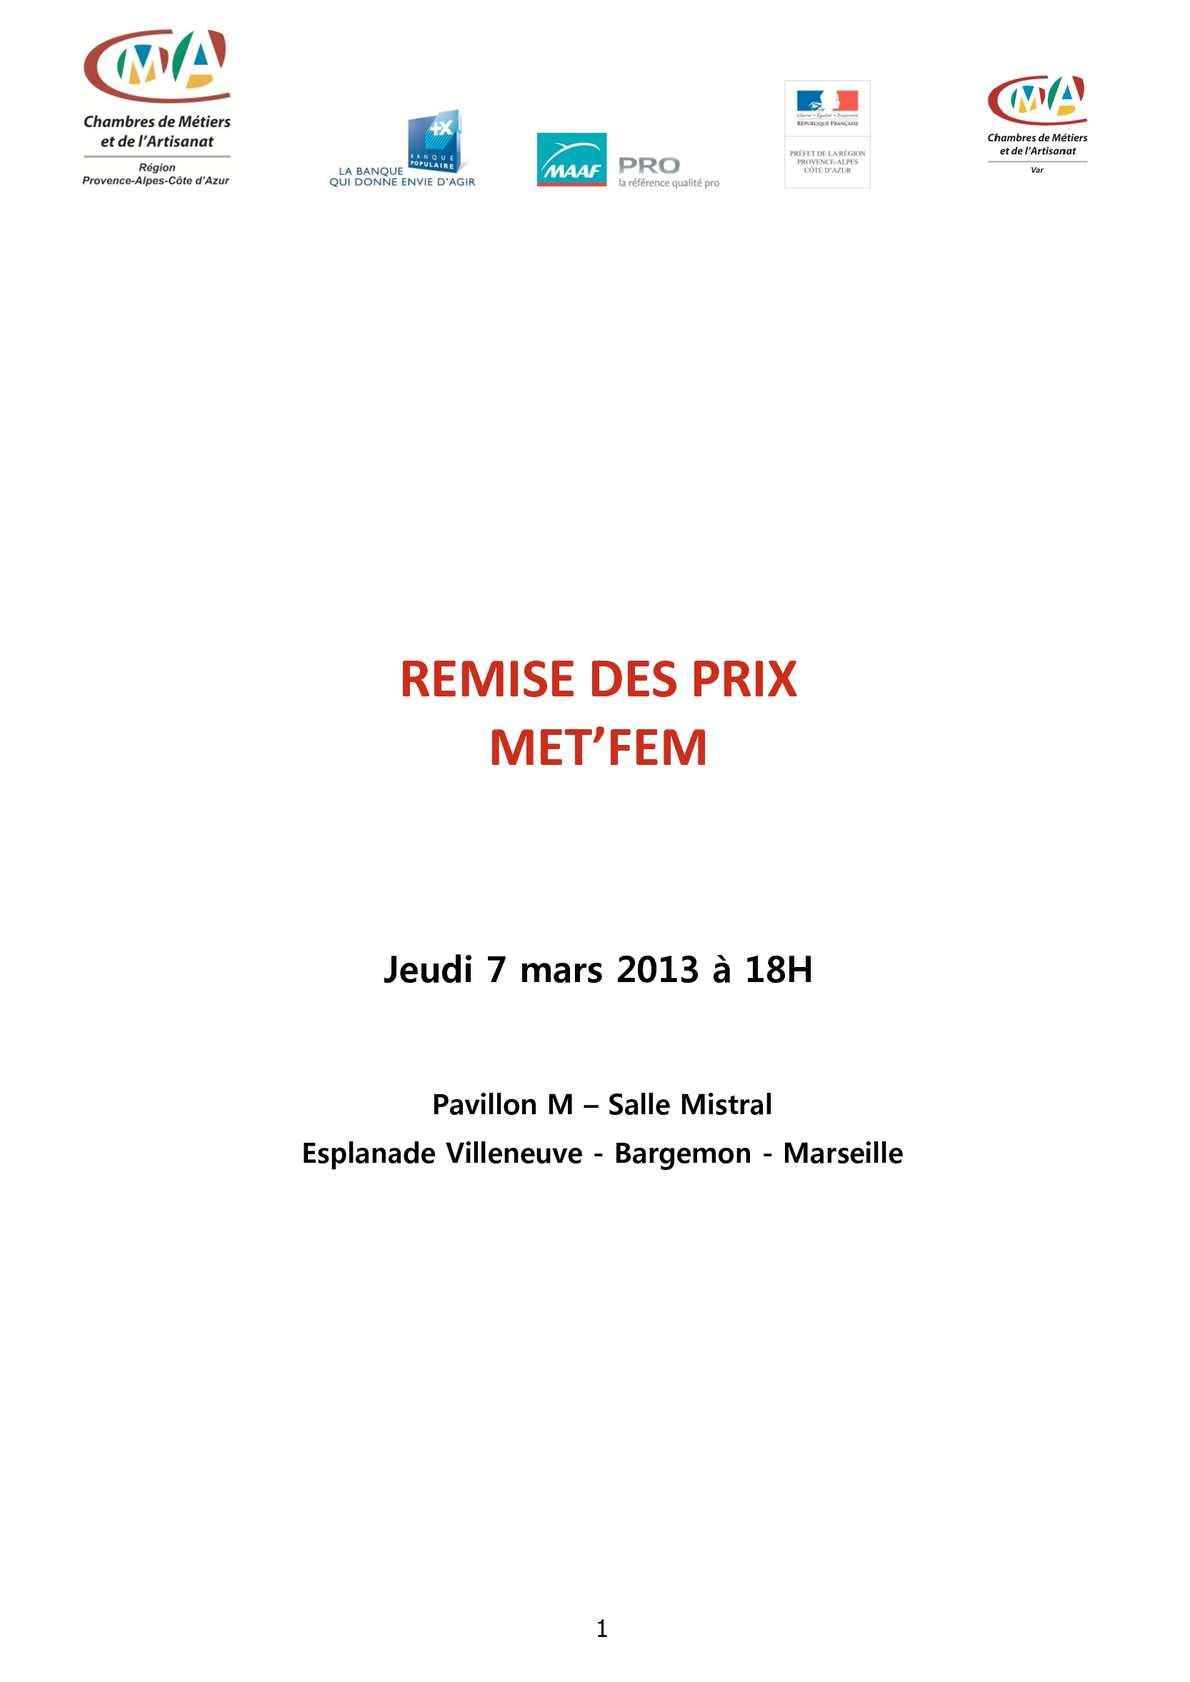 Calaméo Dossier de Presse METFEM